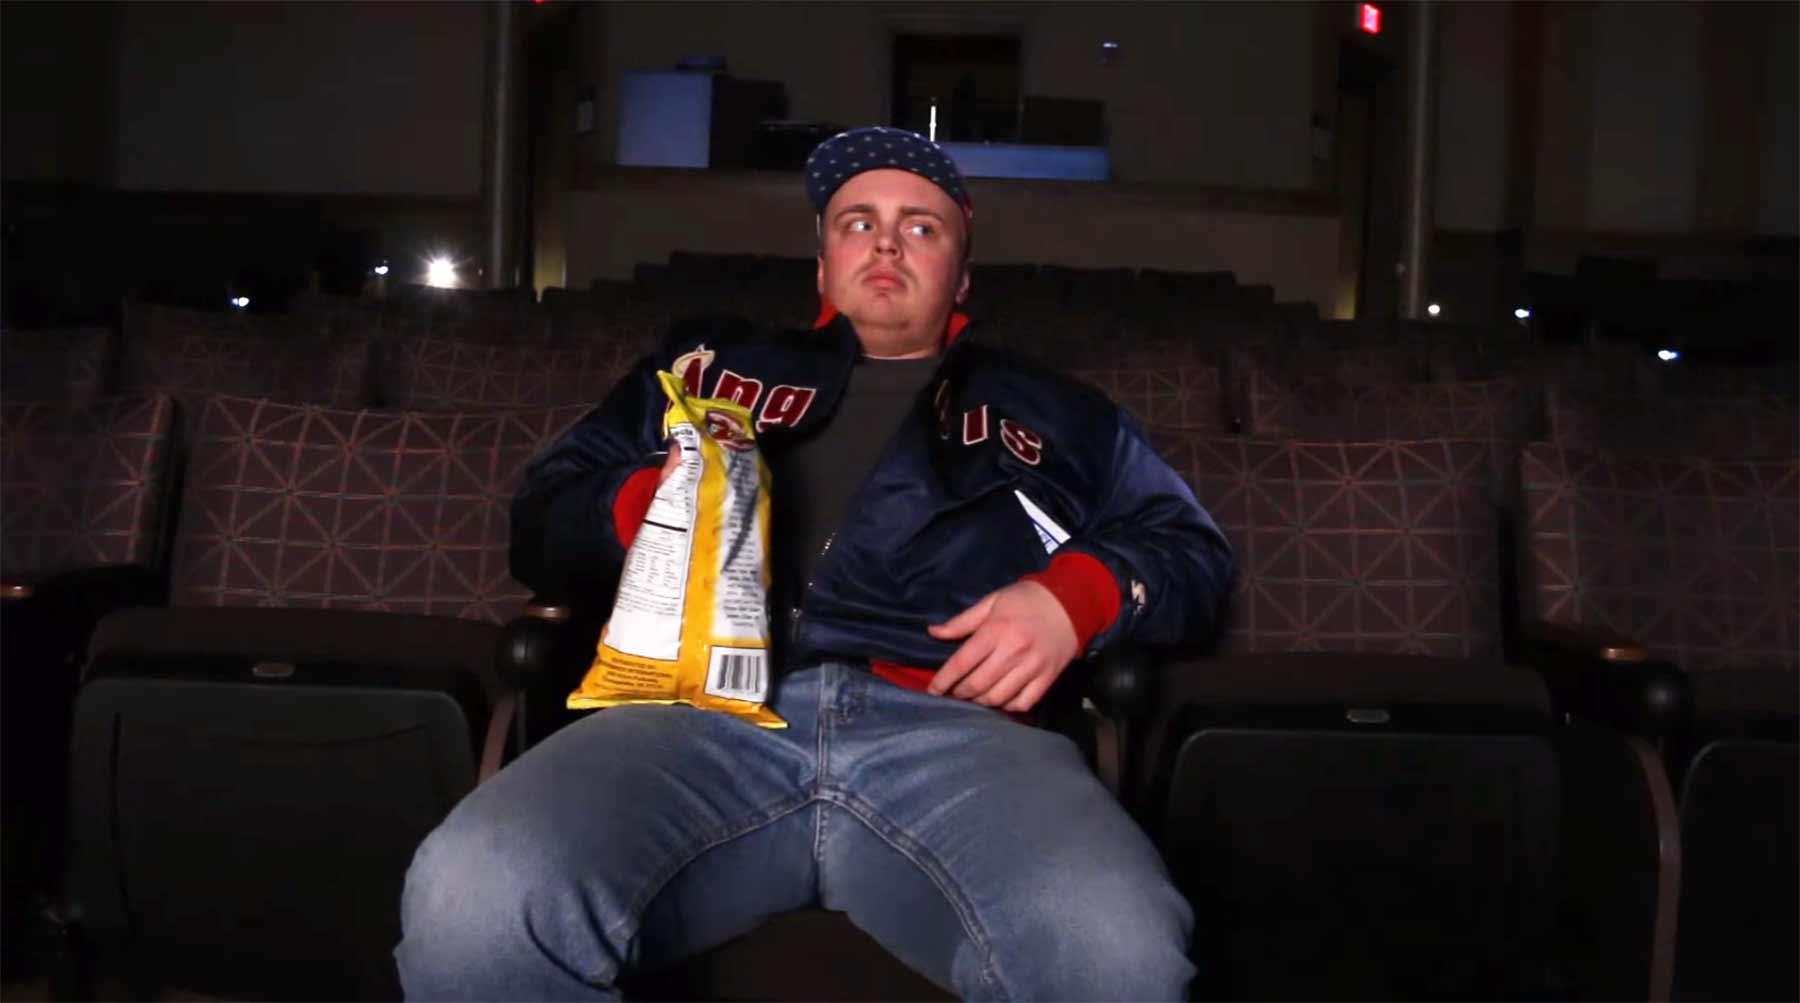 Geschmuggeltes Essen im Kino synchron zum Sound futtern